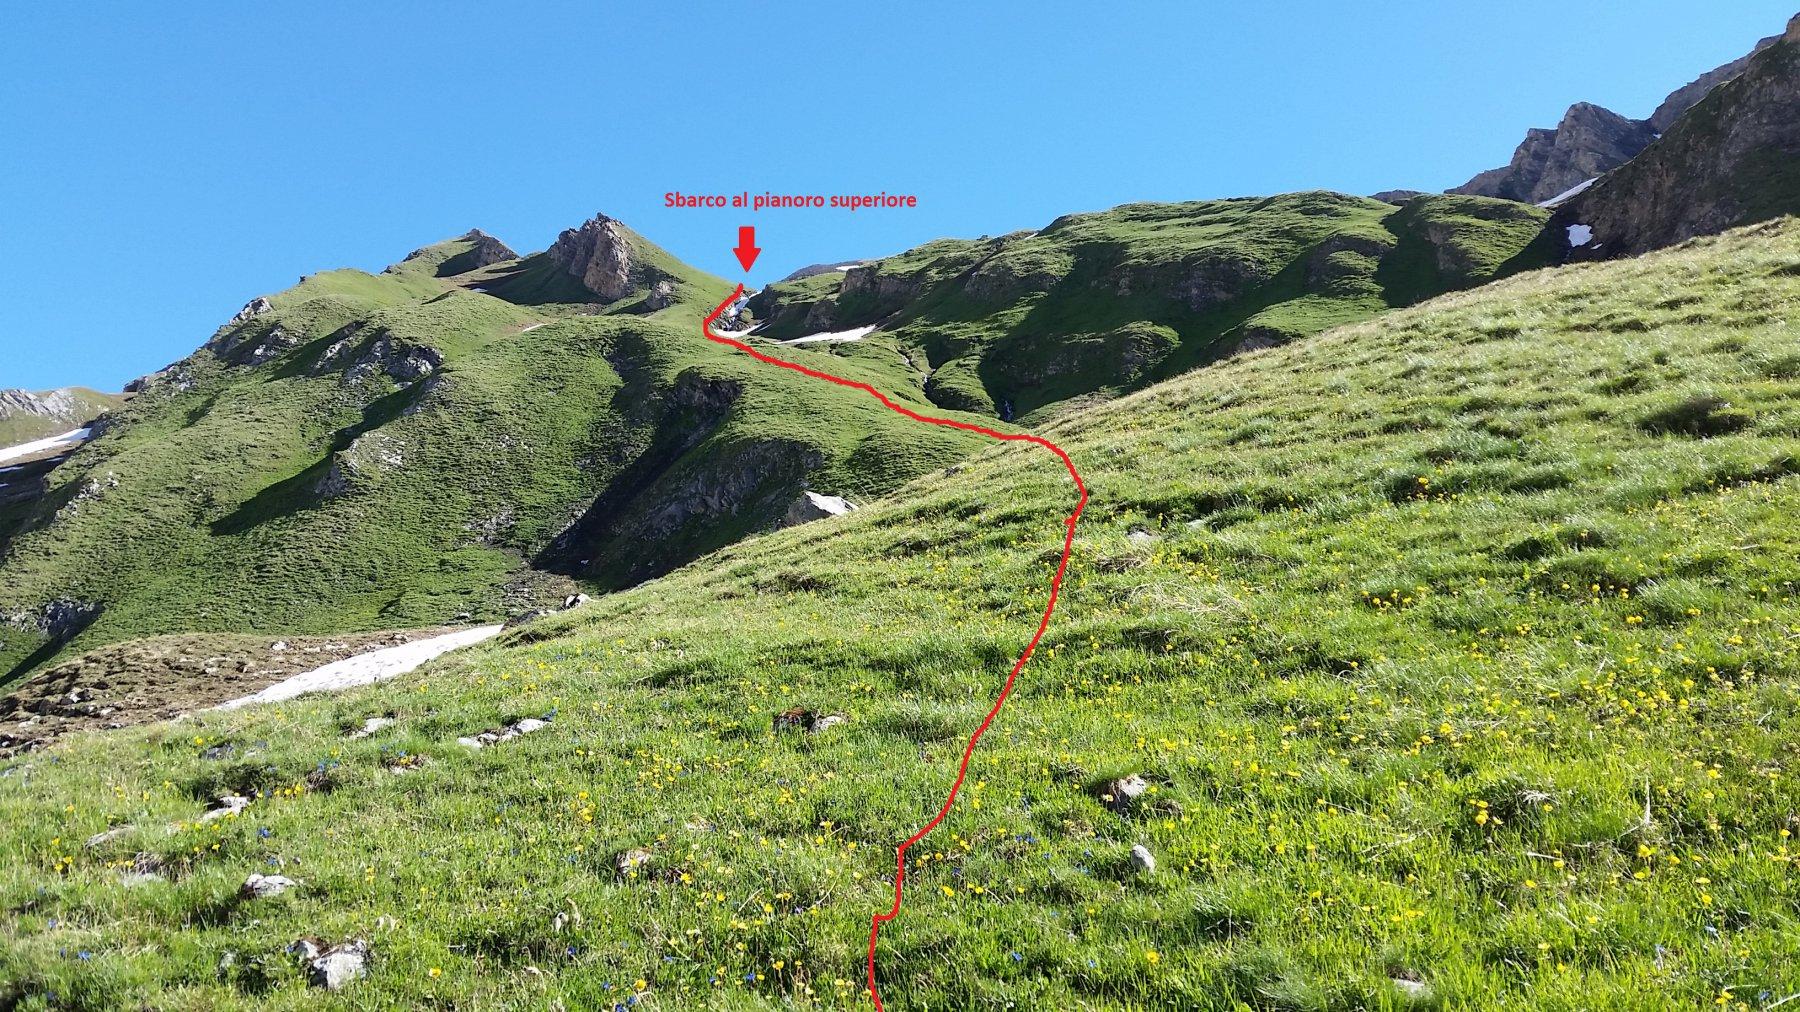 Il percorso di salita da Bonalex, che porta al pianoro superiore